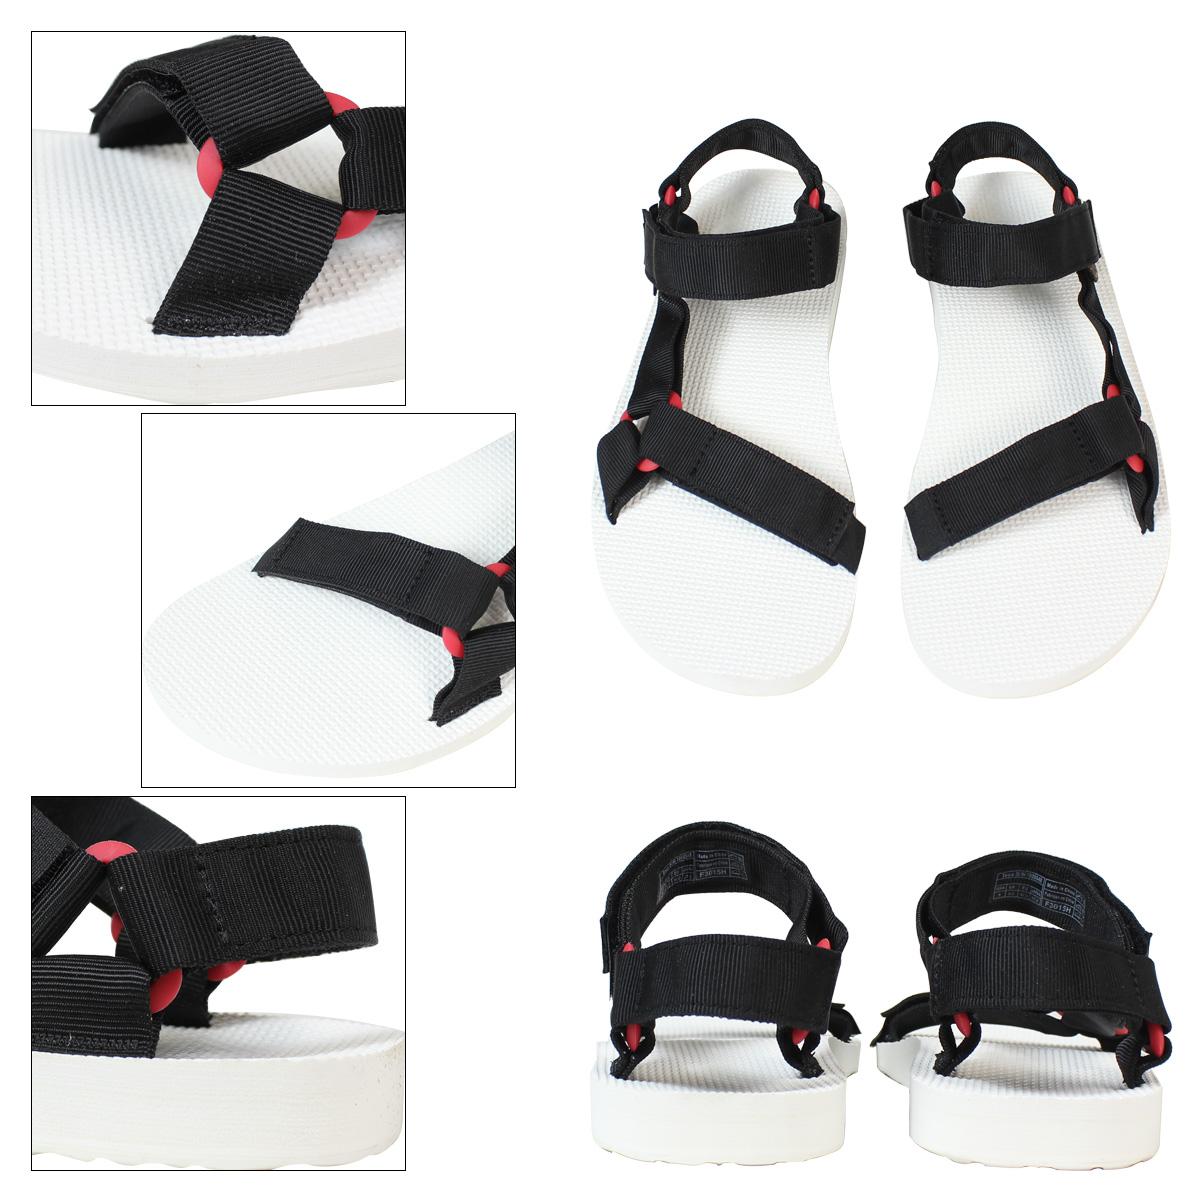 807d6252d06284 Whats up Sports  Teva Teva Sandals original universal sport mens M ...